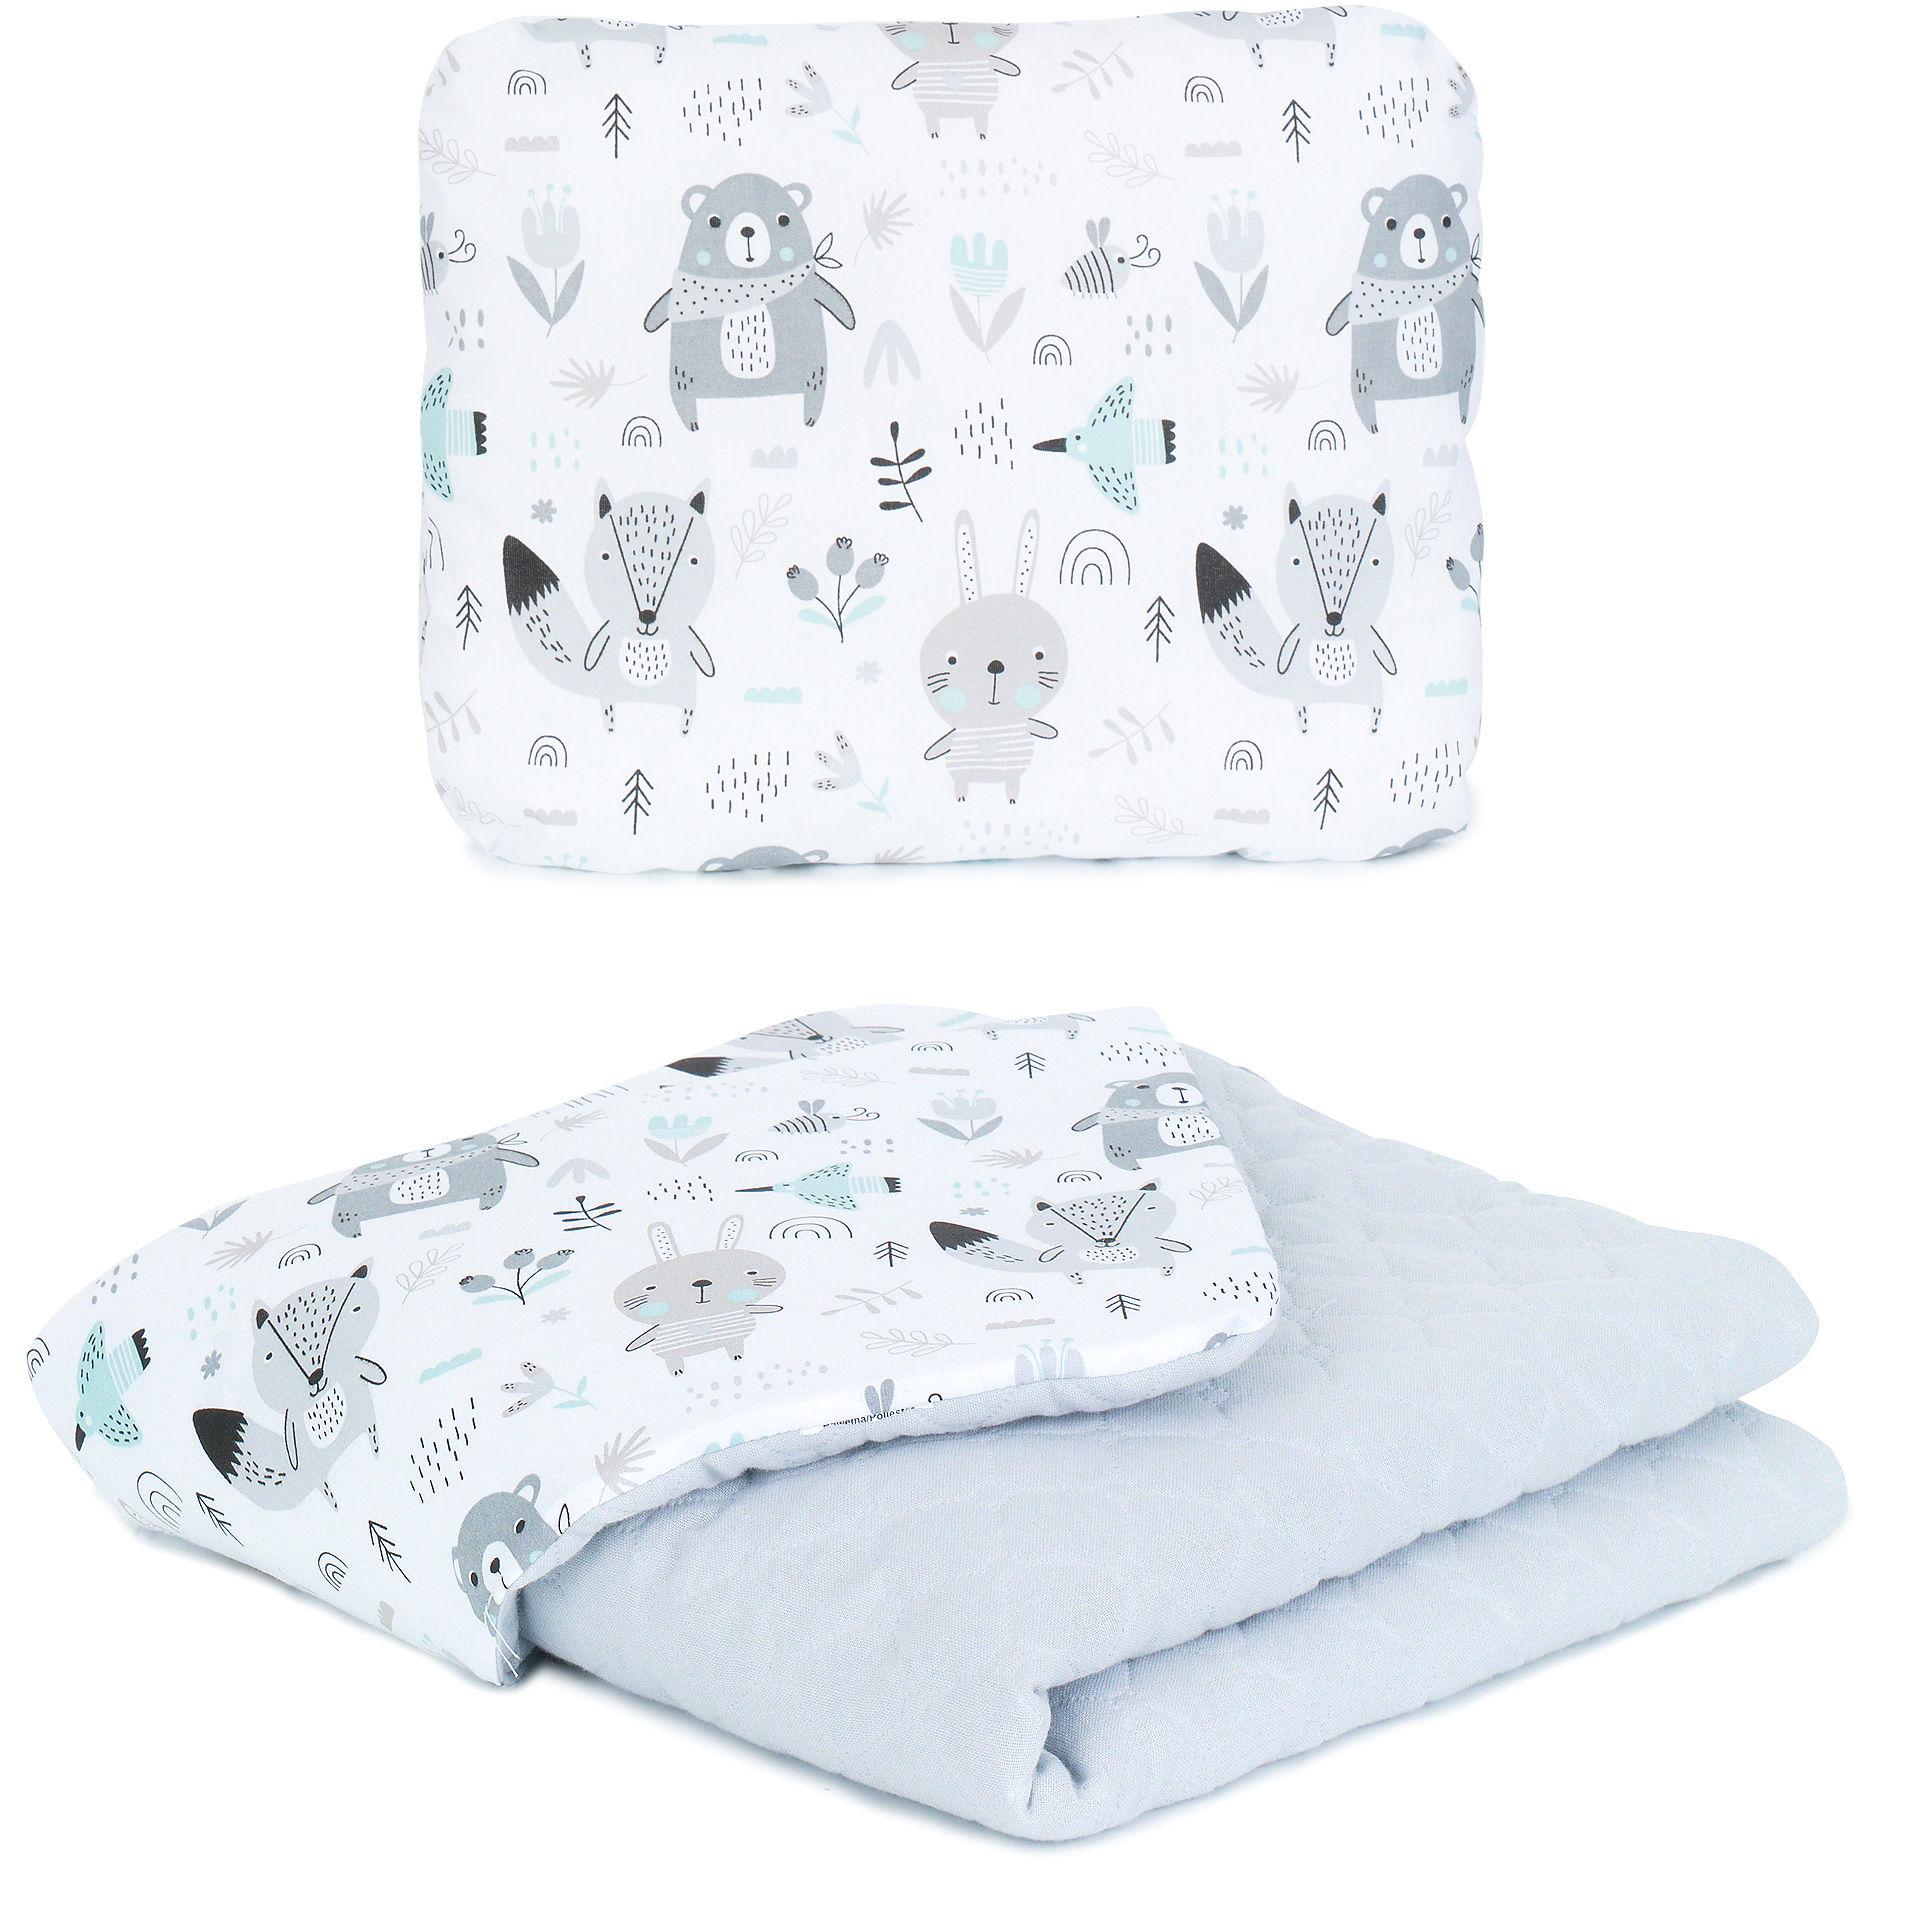 MAMO-TATO KOMPLET Kocyk dla dzieci i niemowląt 75x100 - MUŚLIN PIK + poduszka - Boho / popiel - ocieplony